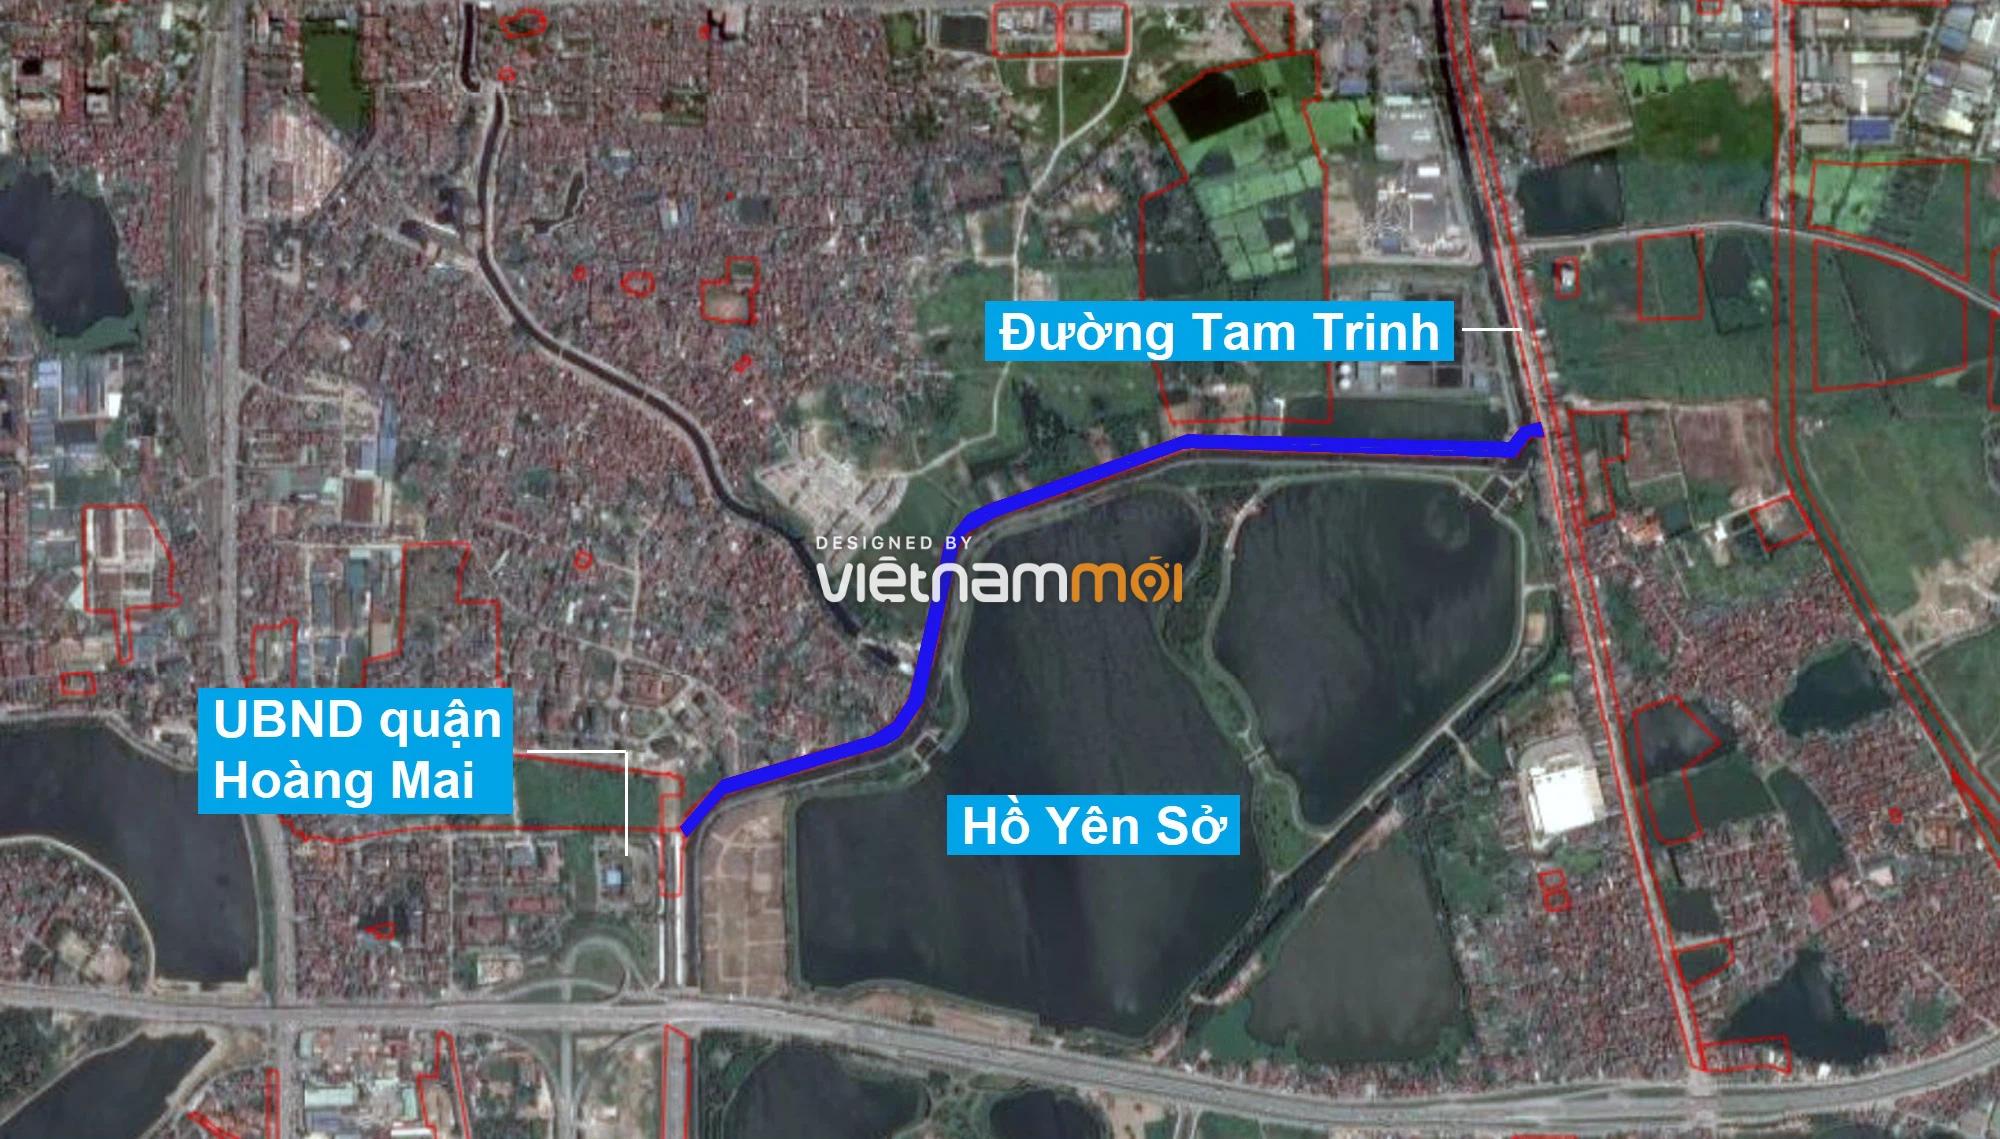 Những khu đất sắp thu hồi để mở đường ở quận Hoàng Mai, Hà Nội (phần 2) - Ảnh 12.